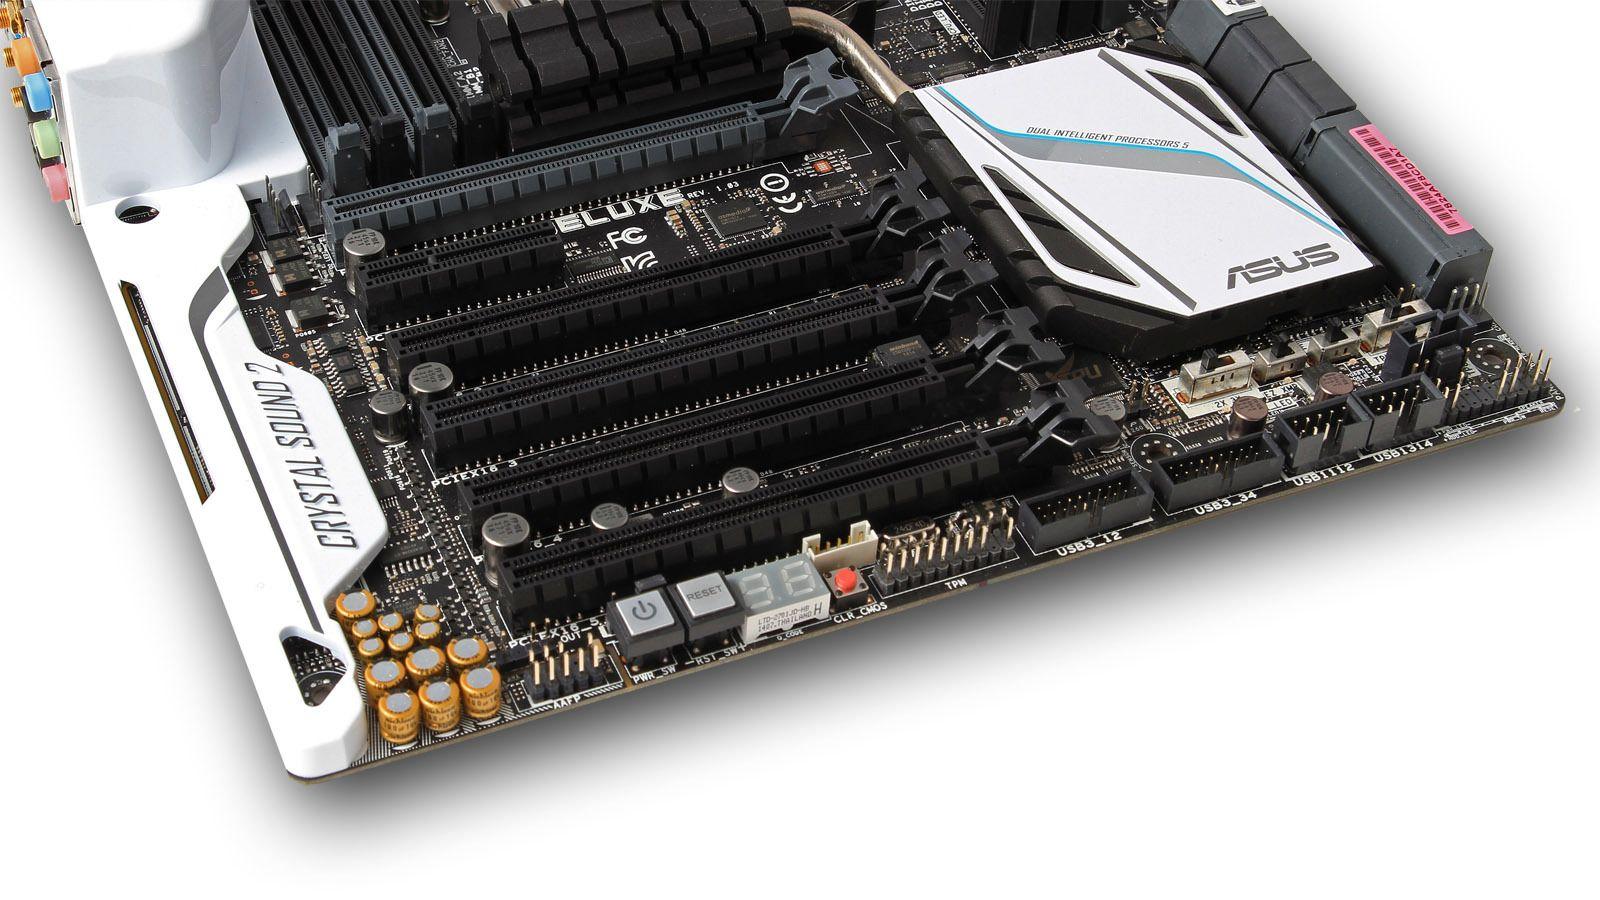 Hovedkortet har hele fem PCI Express x16-spor og et PCI Express x4-spor. Legg også merke til knappene for start, omstart og tilbakestilling av hovedkortets BIOS (CLR_CMOS).